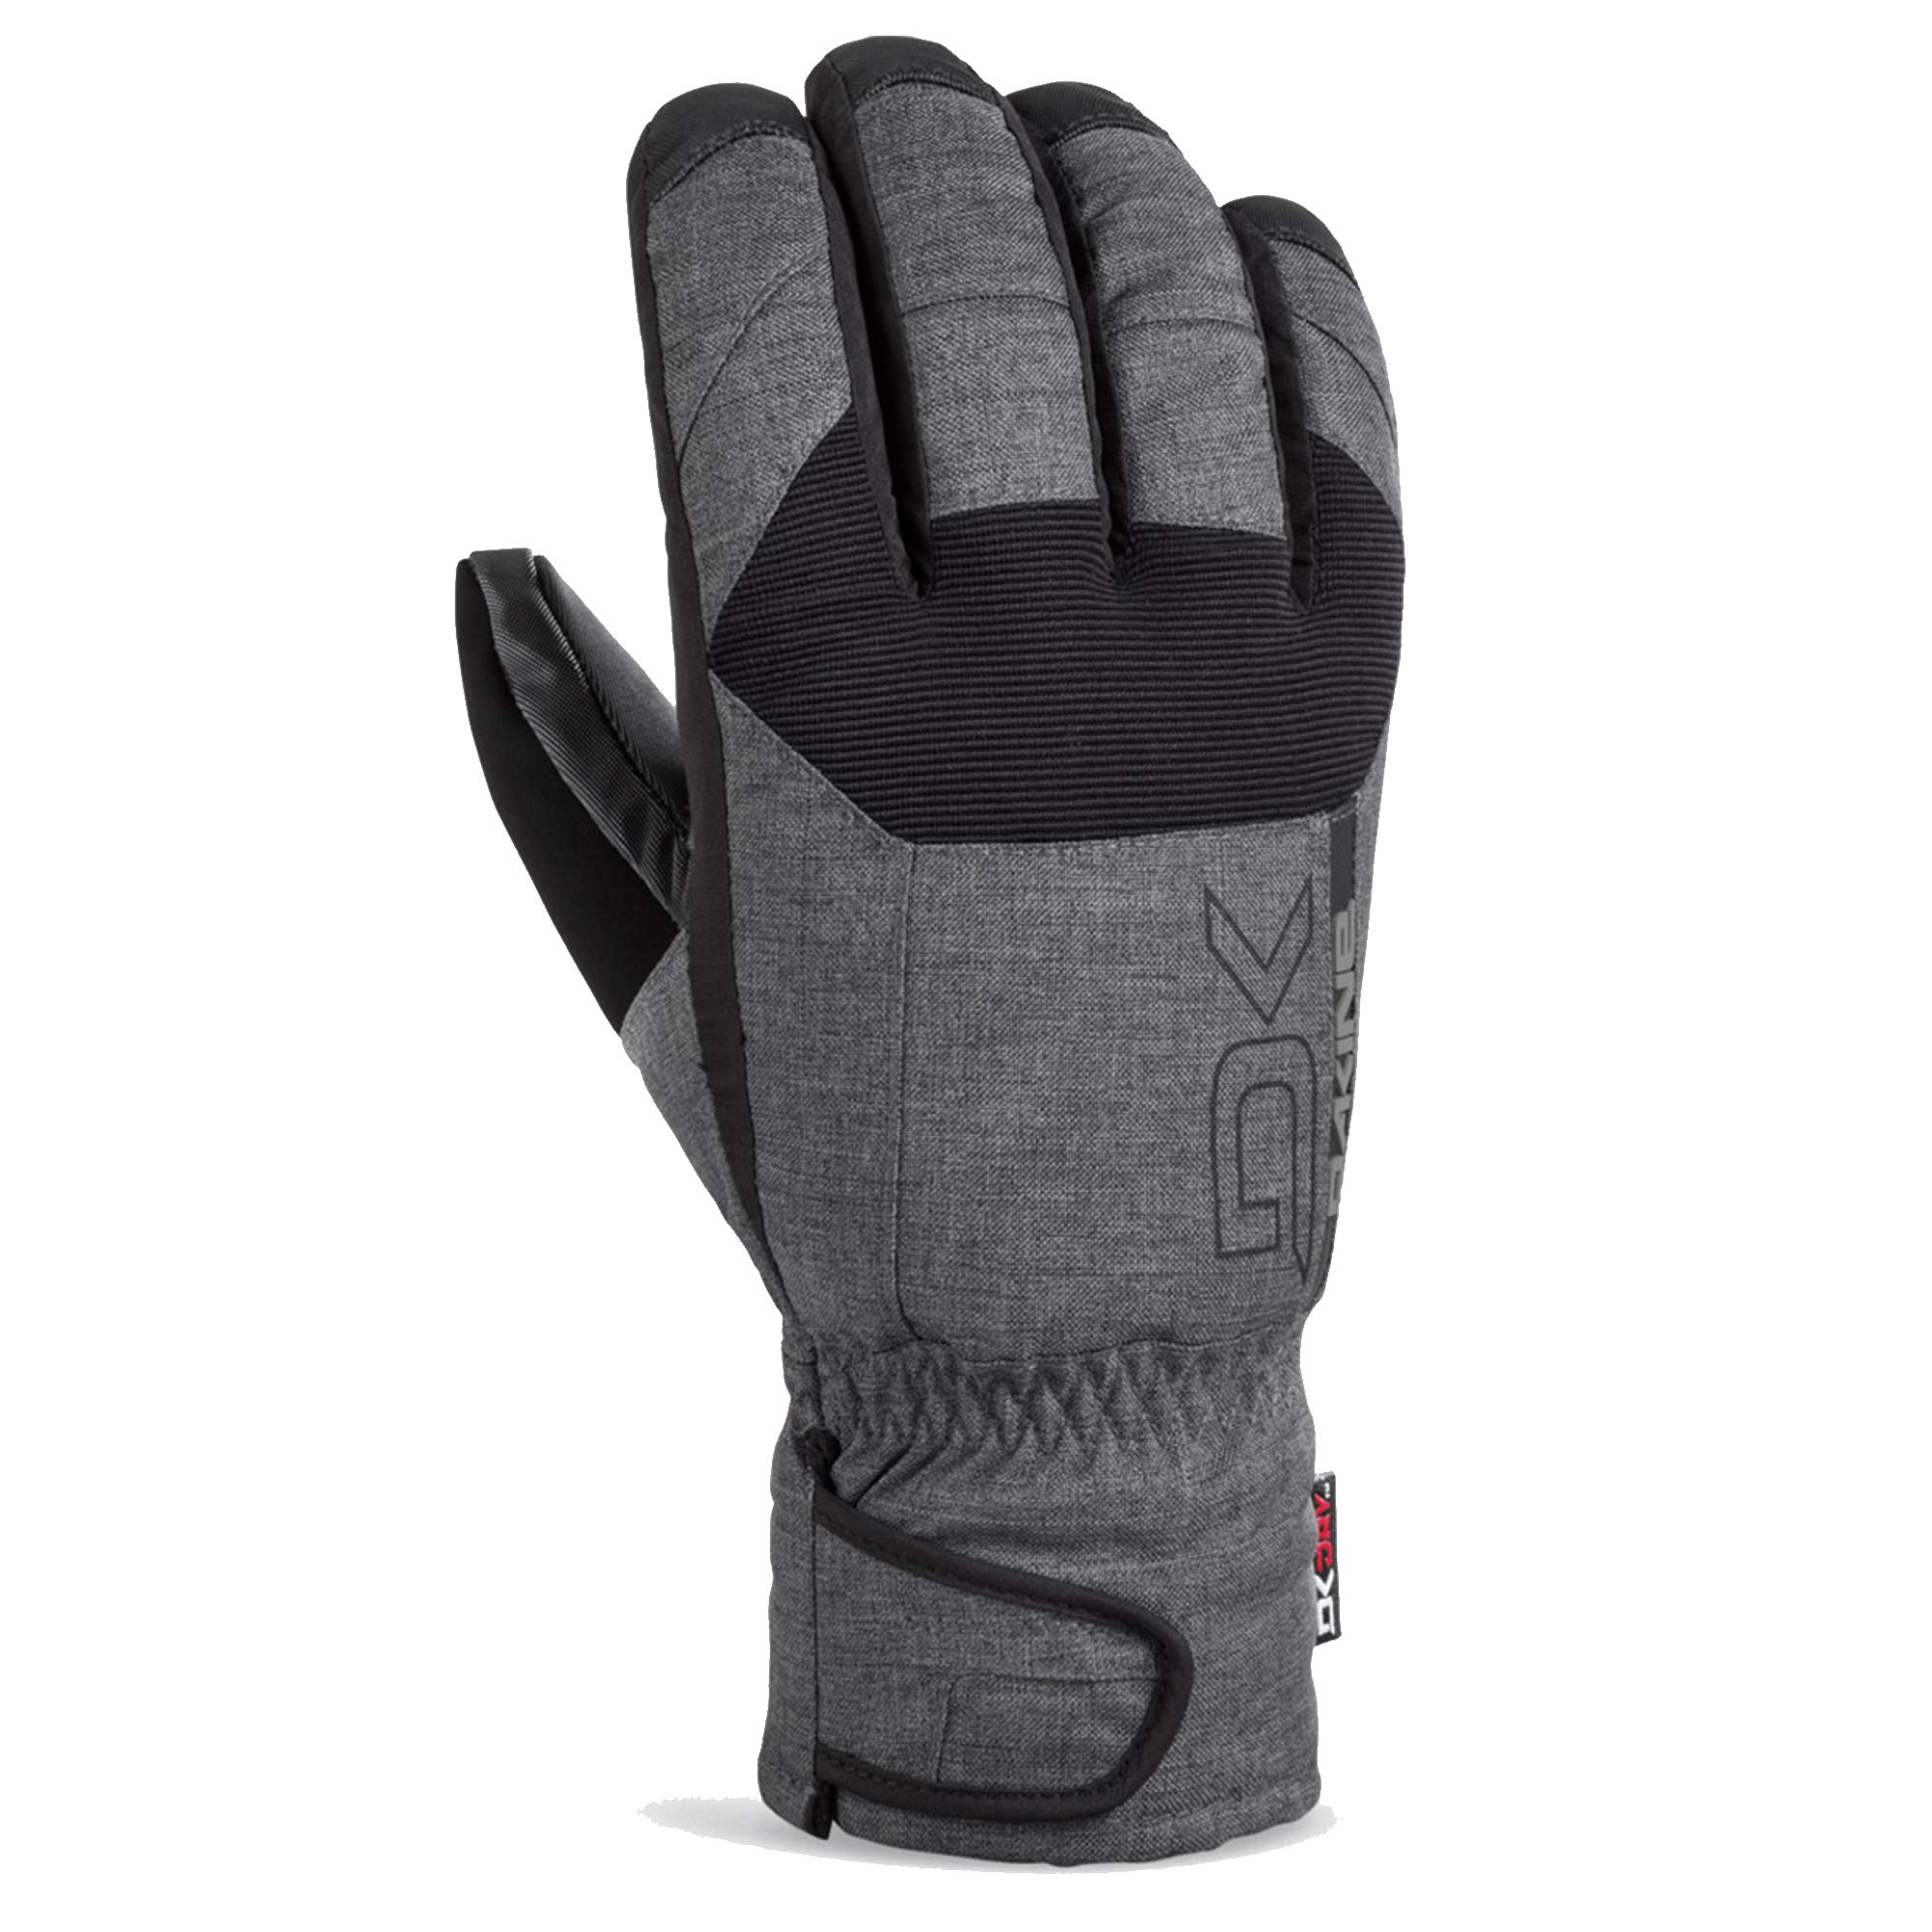 Dakine Men's Scout Gloves, Medium, Carbon by Dakine